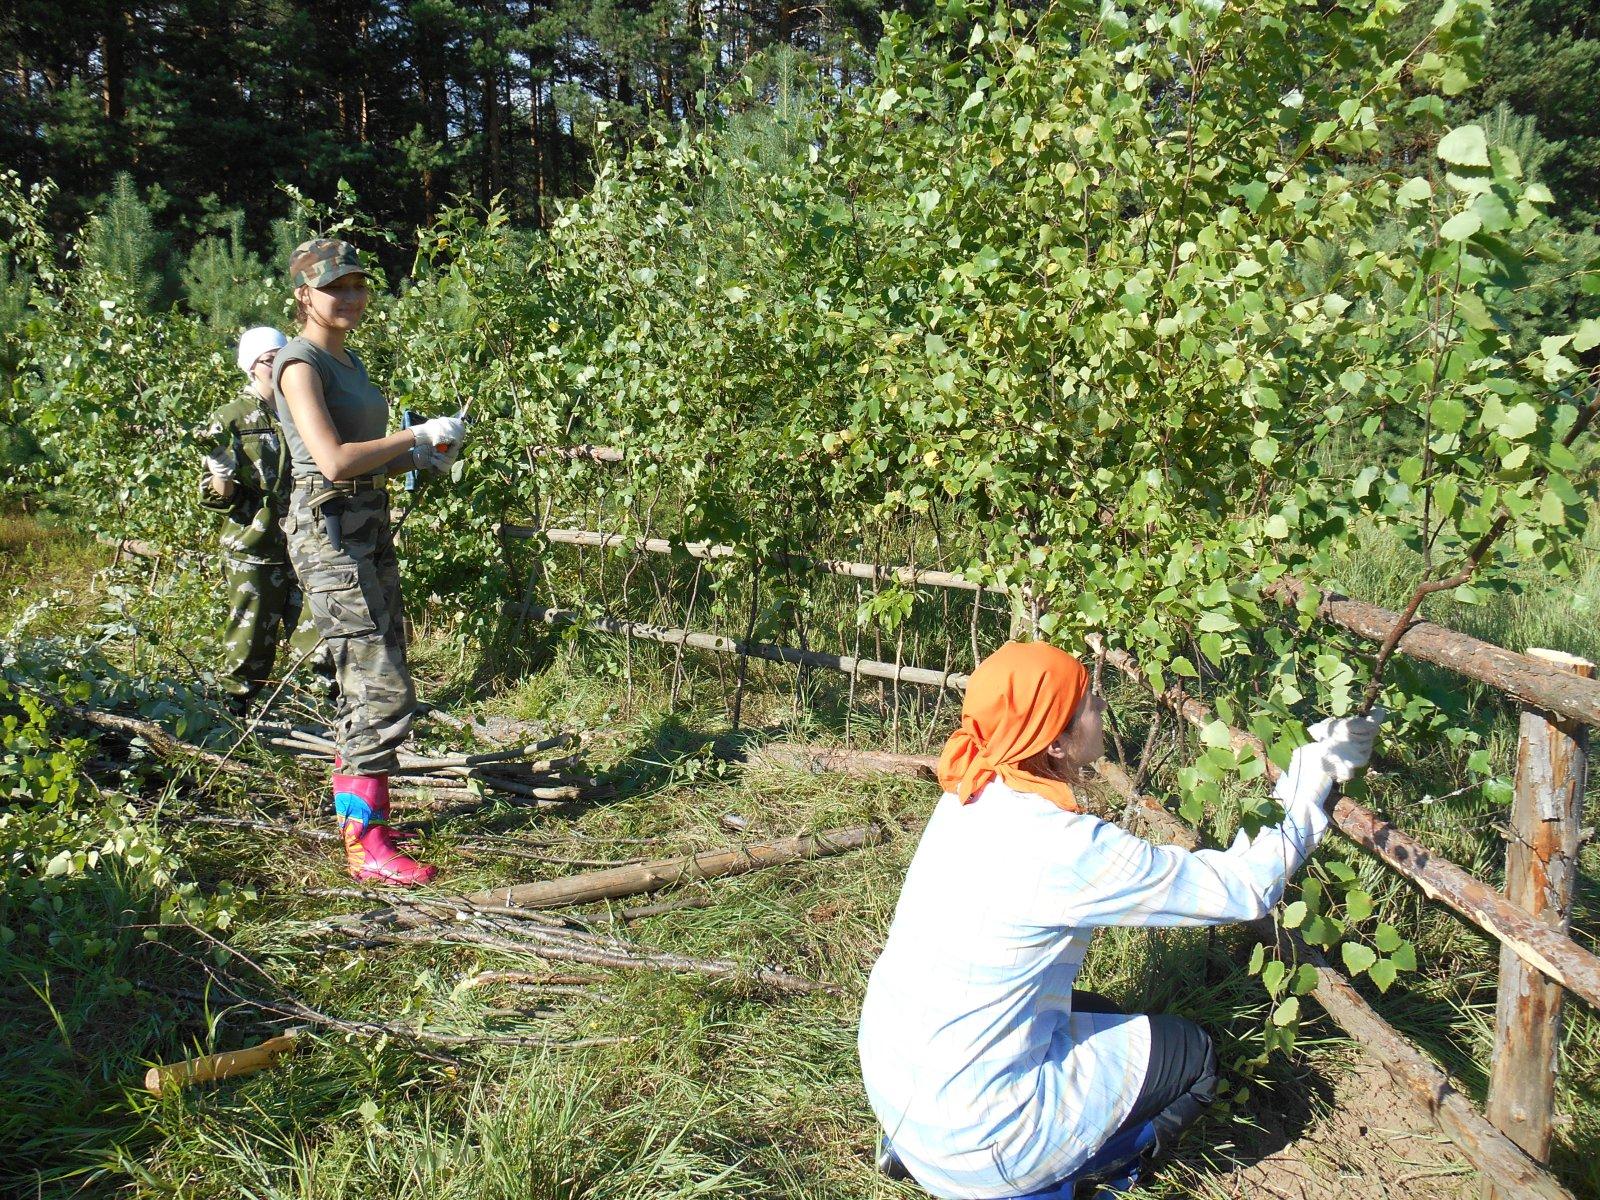 Волонтёры за работой. Фото Ю. С. Ковровой